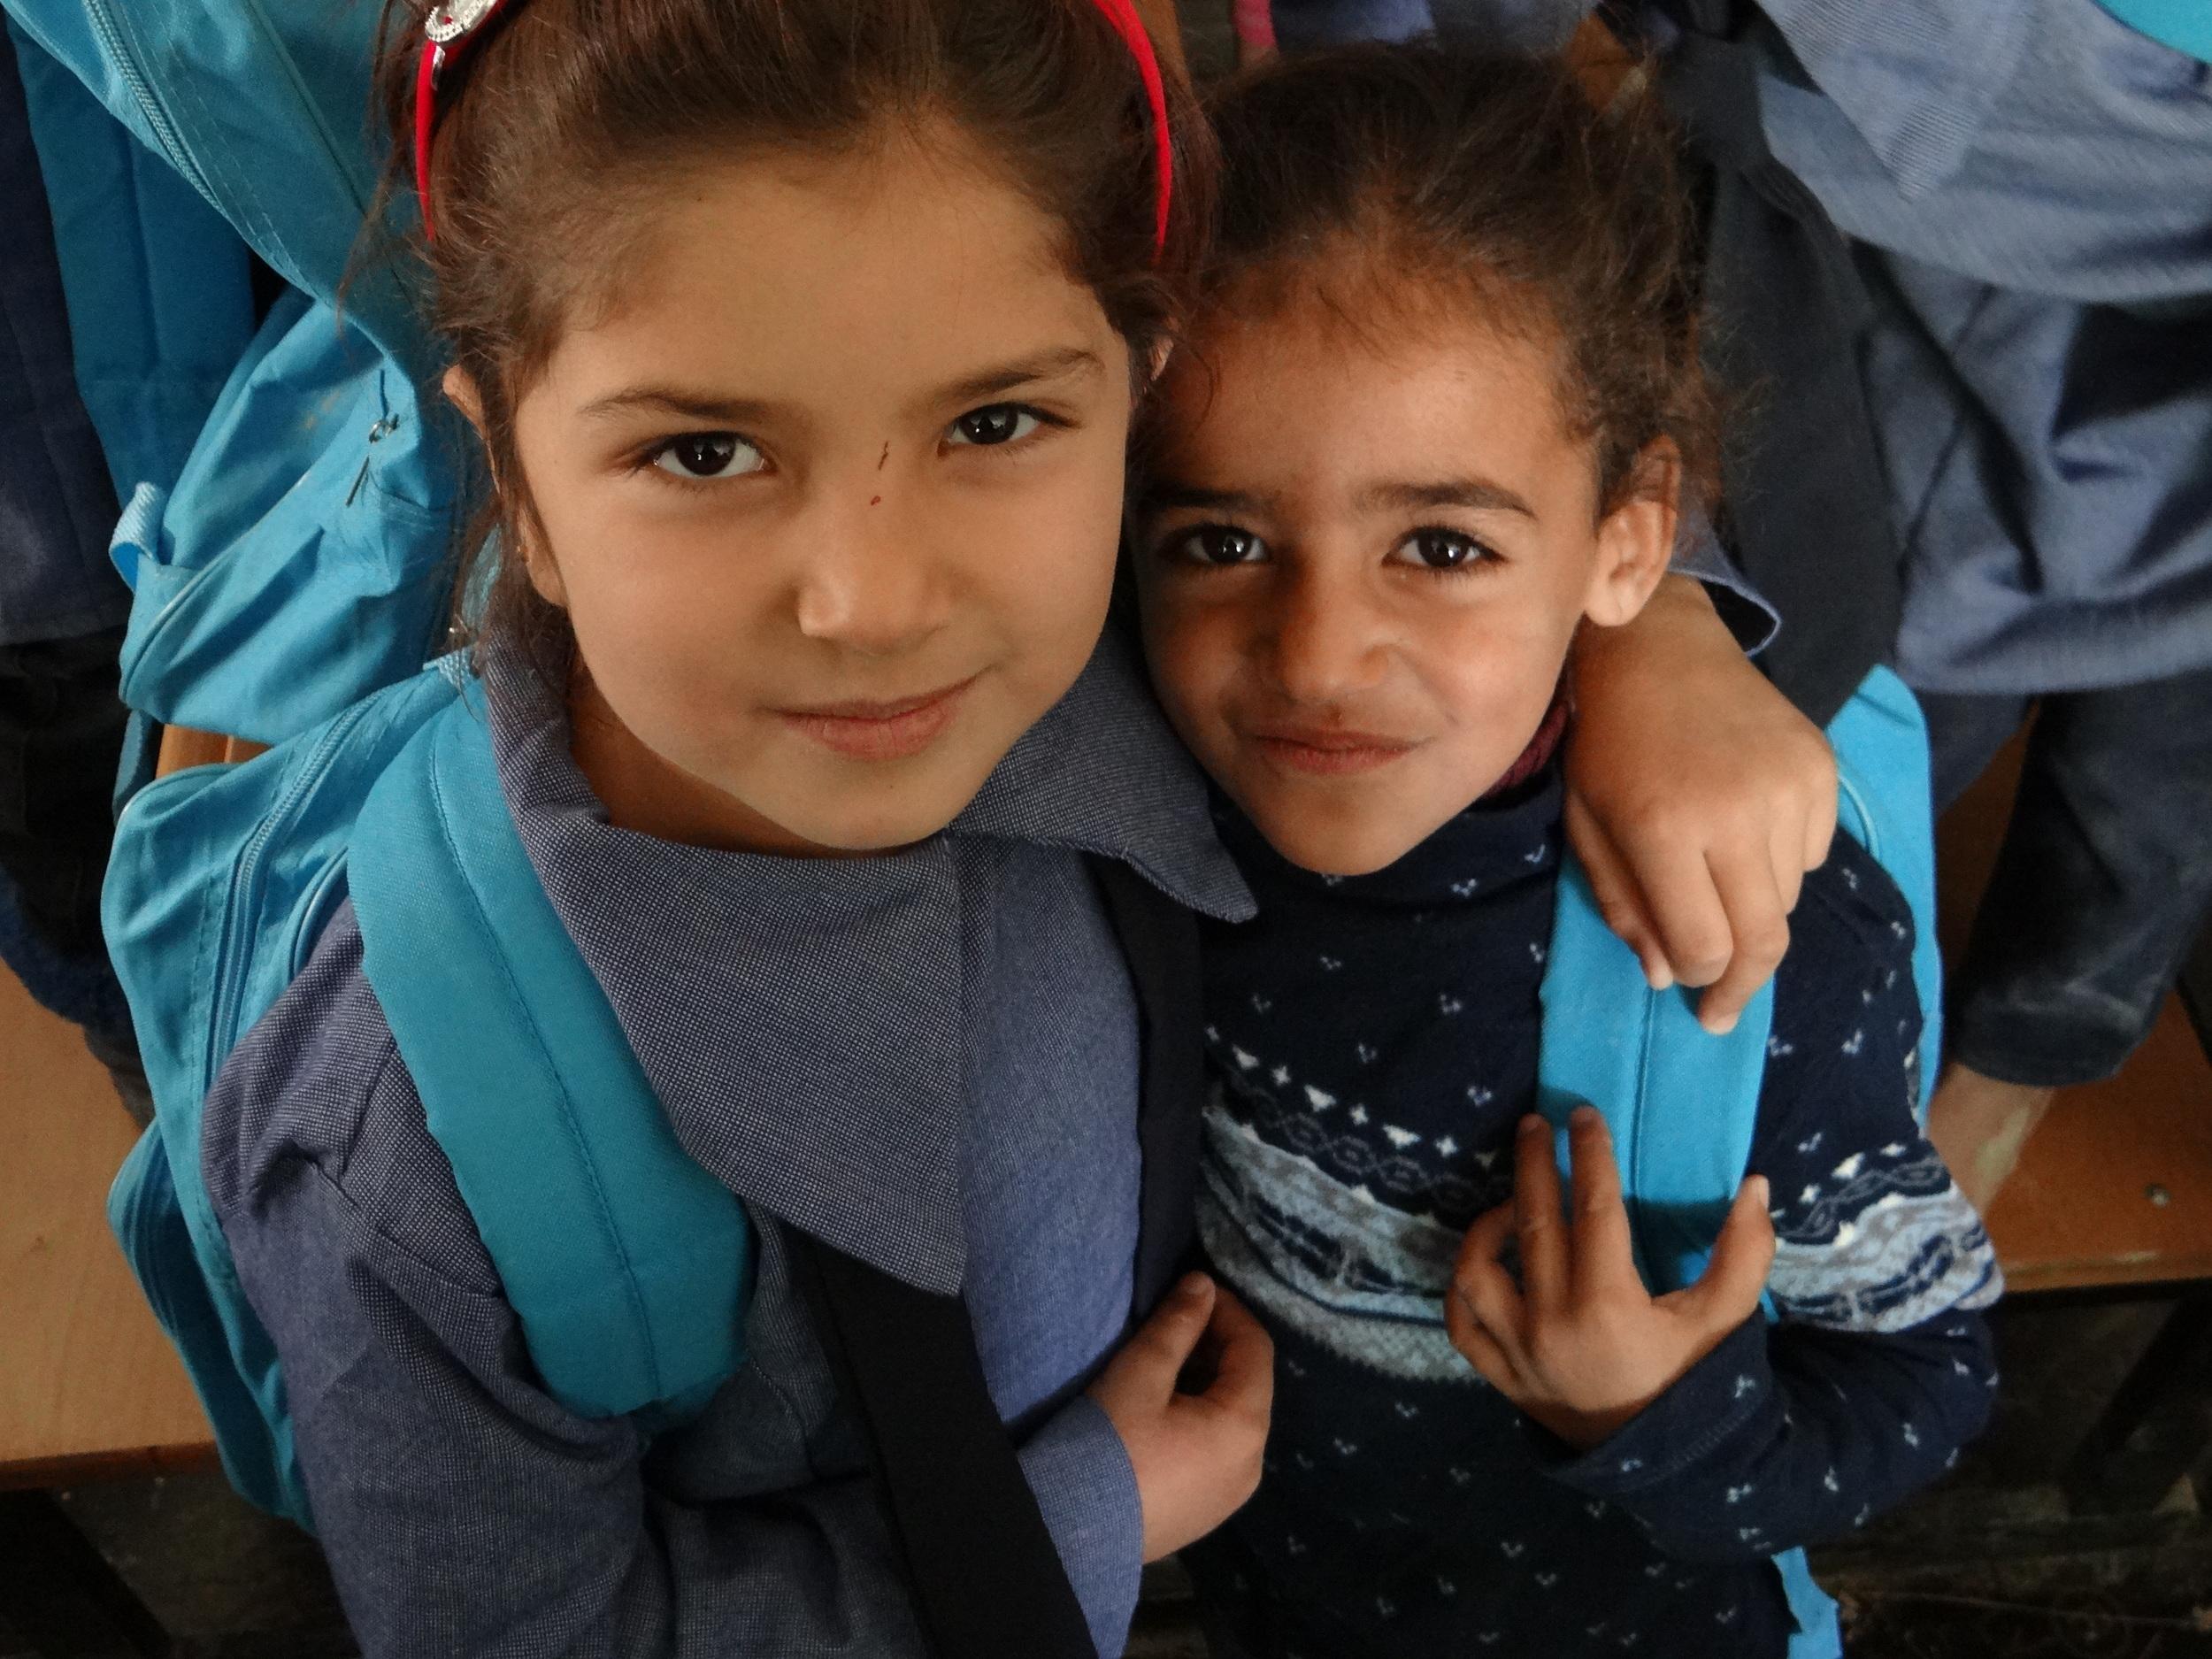 © UNICEF/UKLA2013-04585/Leclerc